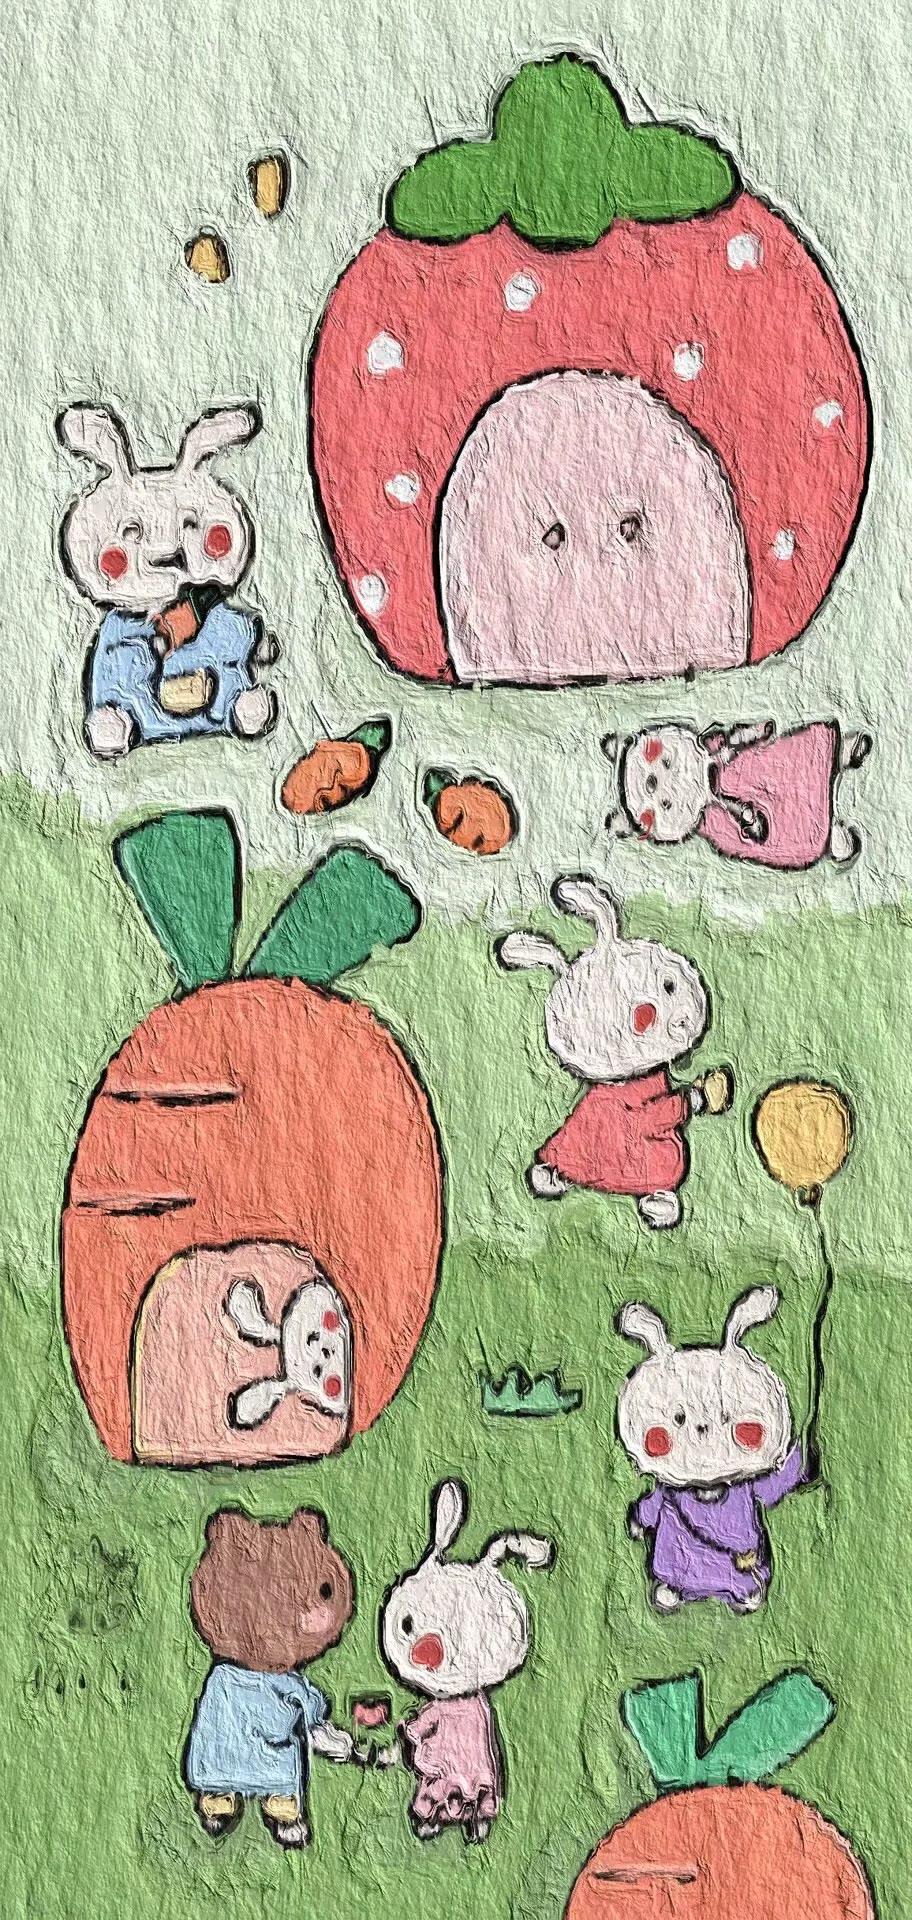 卡通动漫美图适合做微信QQ背景图 第7张图片